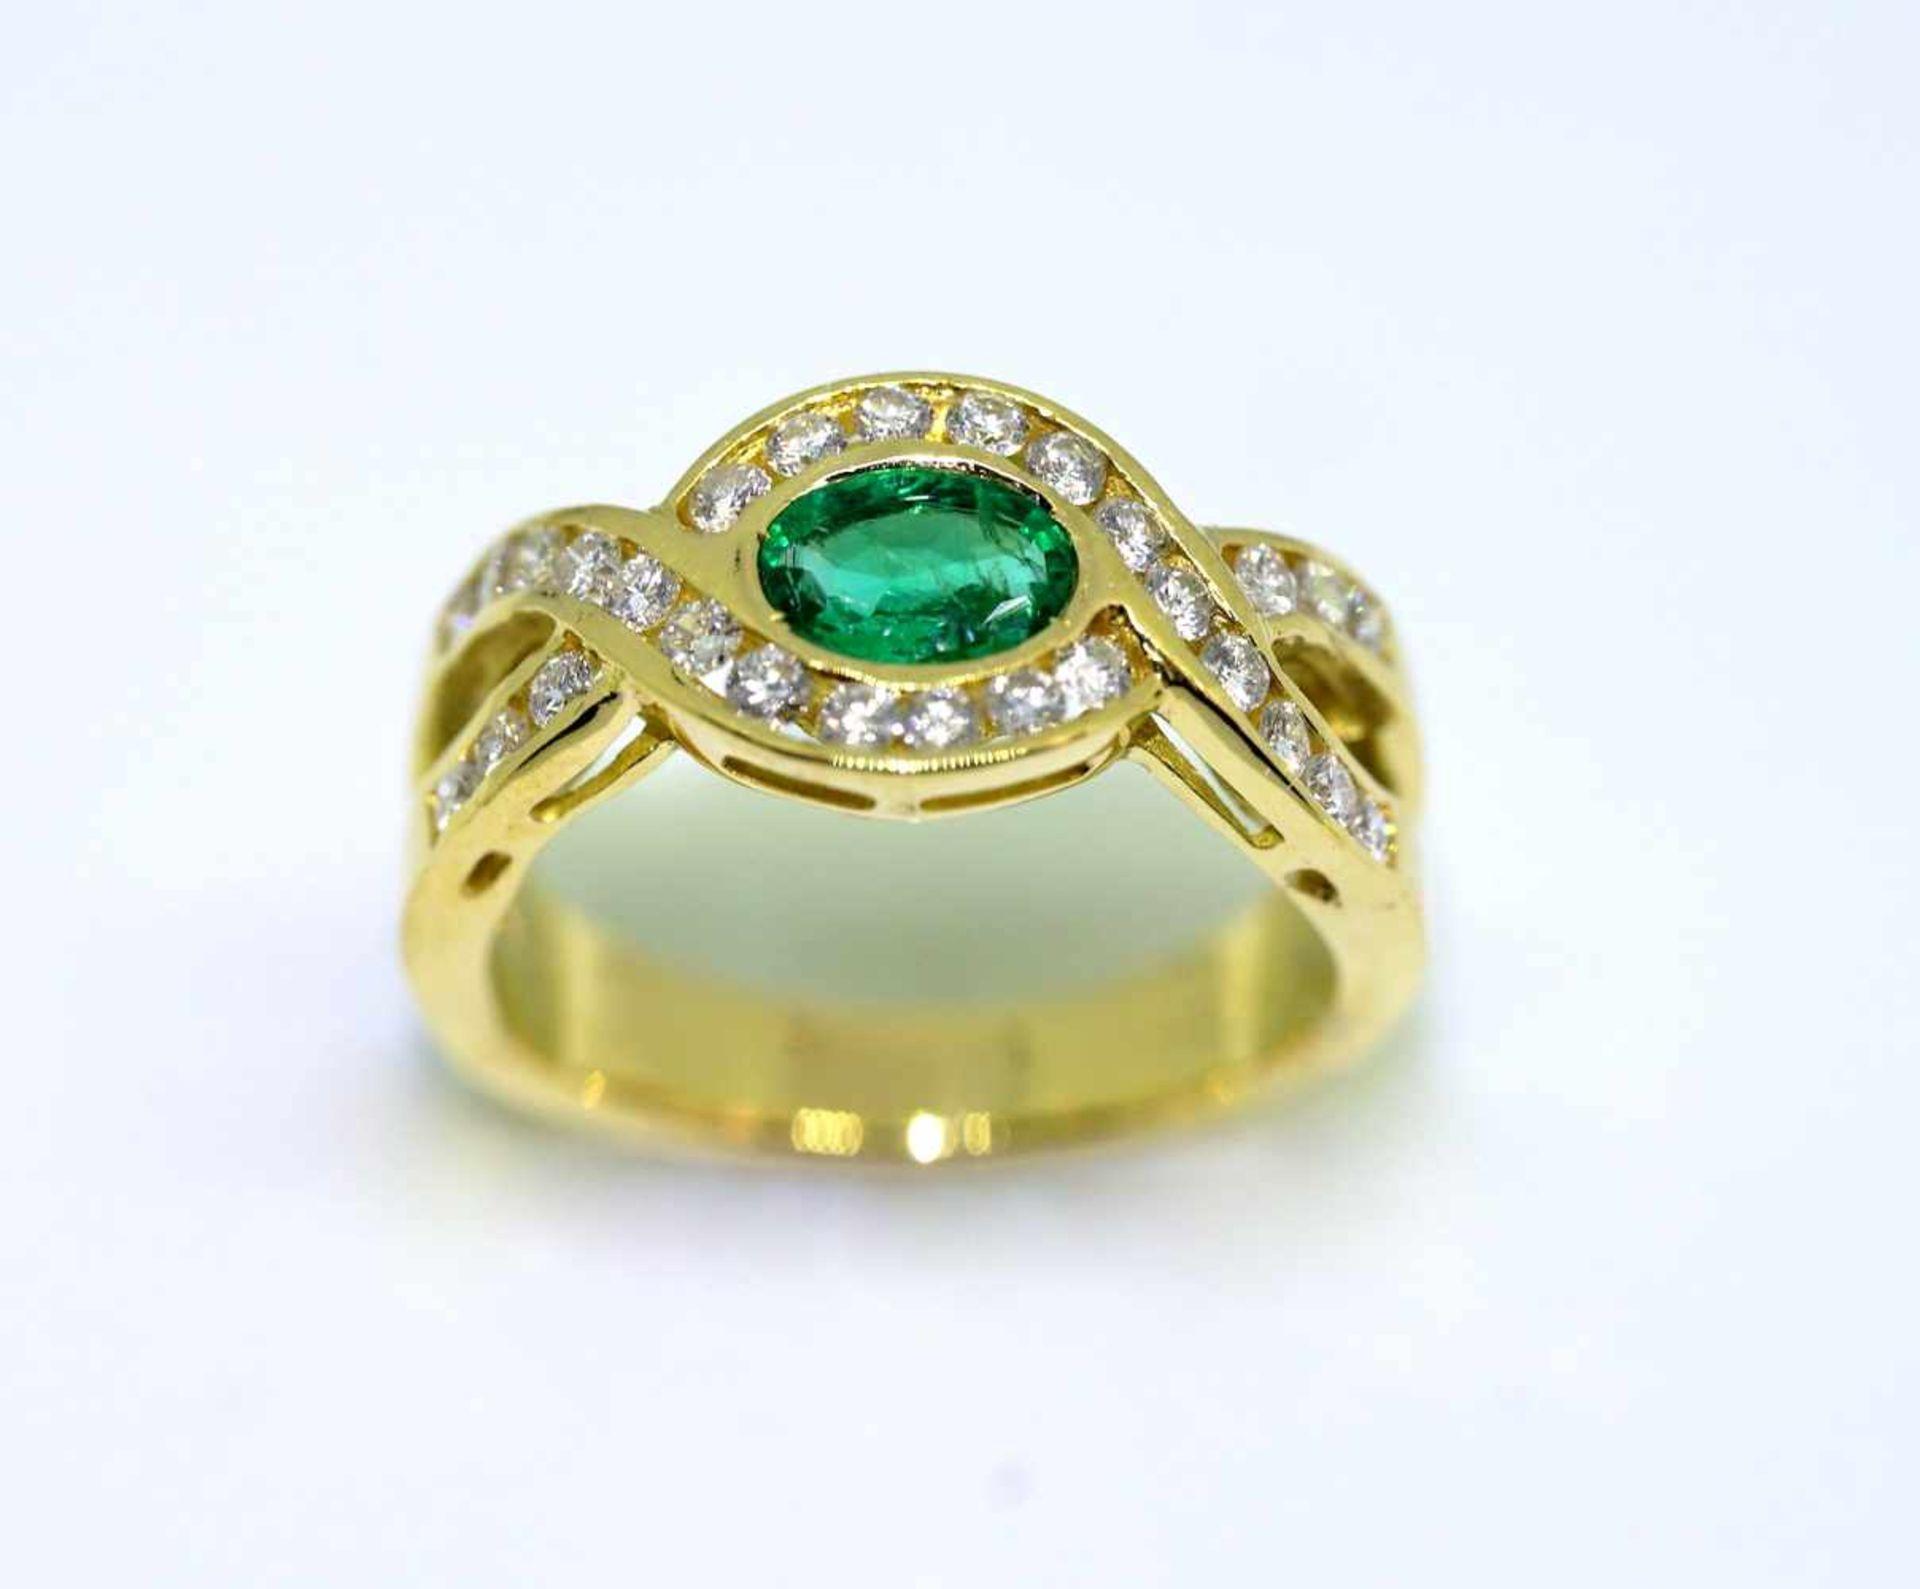 Imposanter Damenring18 K Gelbgold. Massiv gearbeiteter Ring besetzt mit ca. 0,50 ct Sm